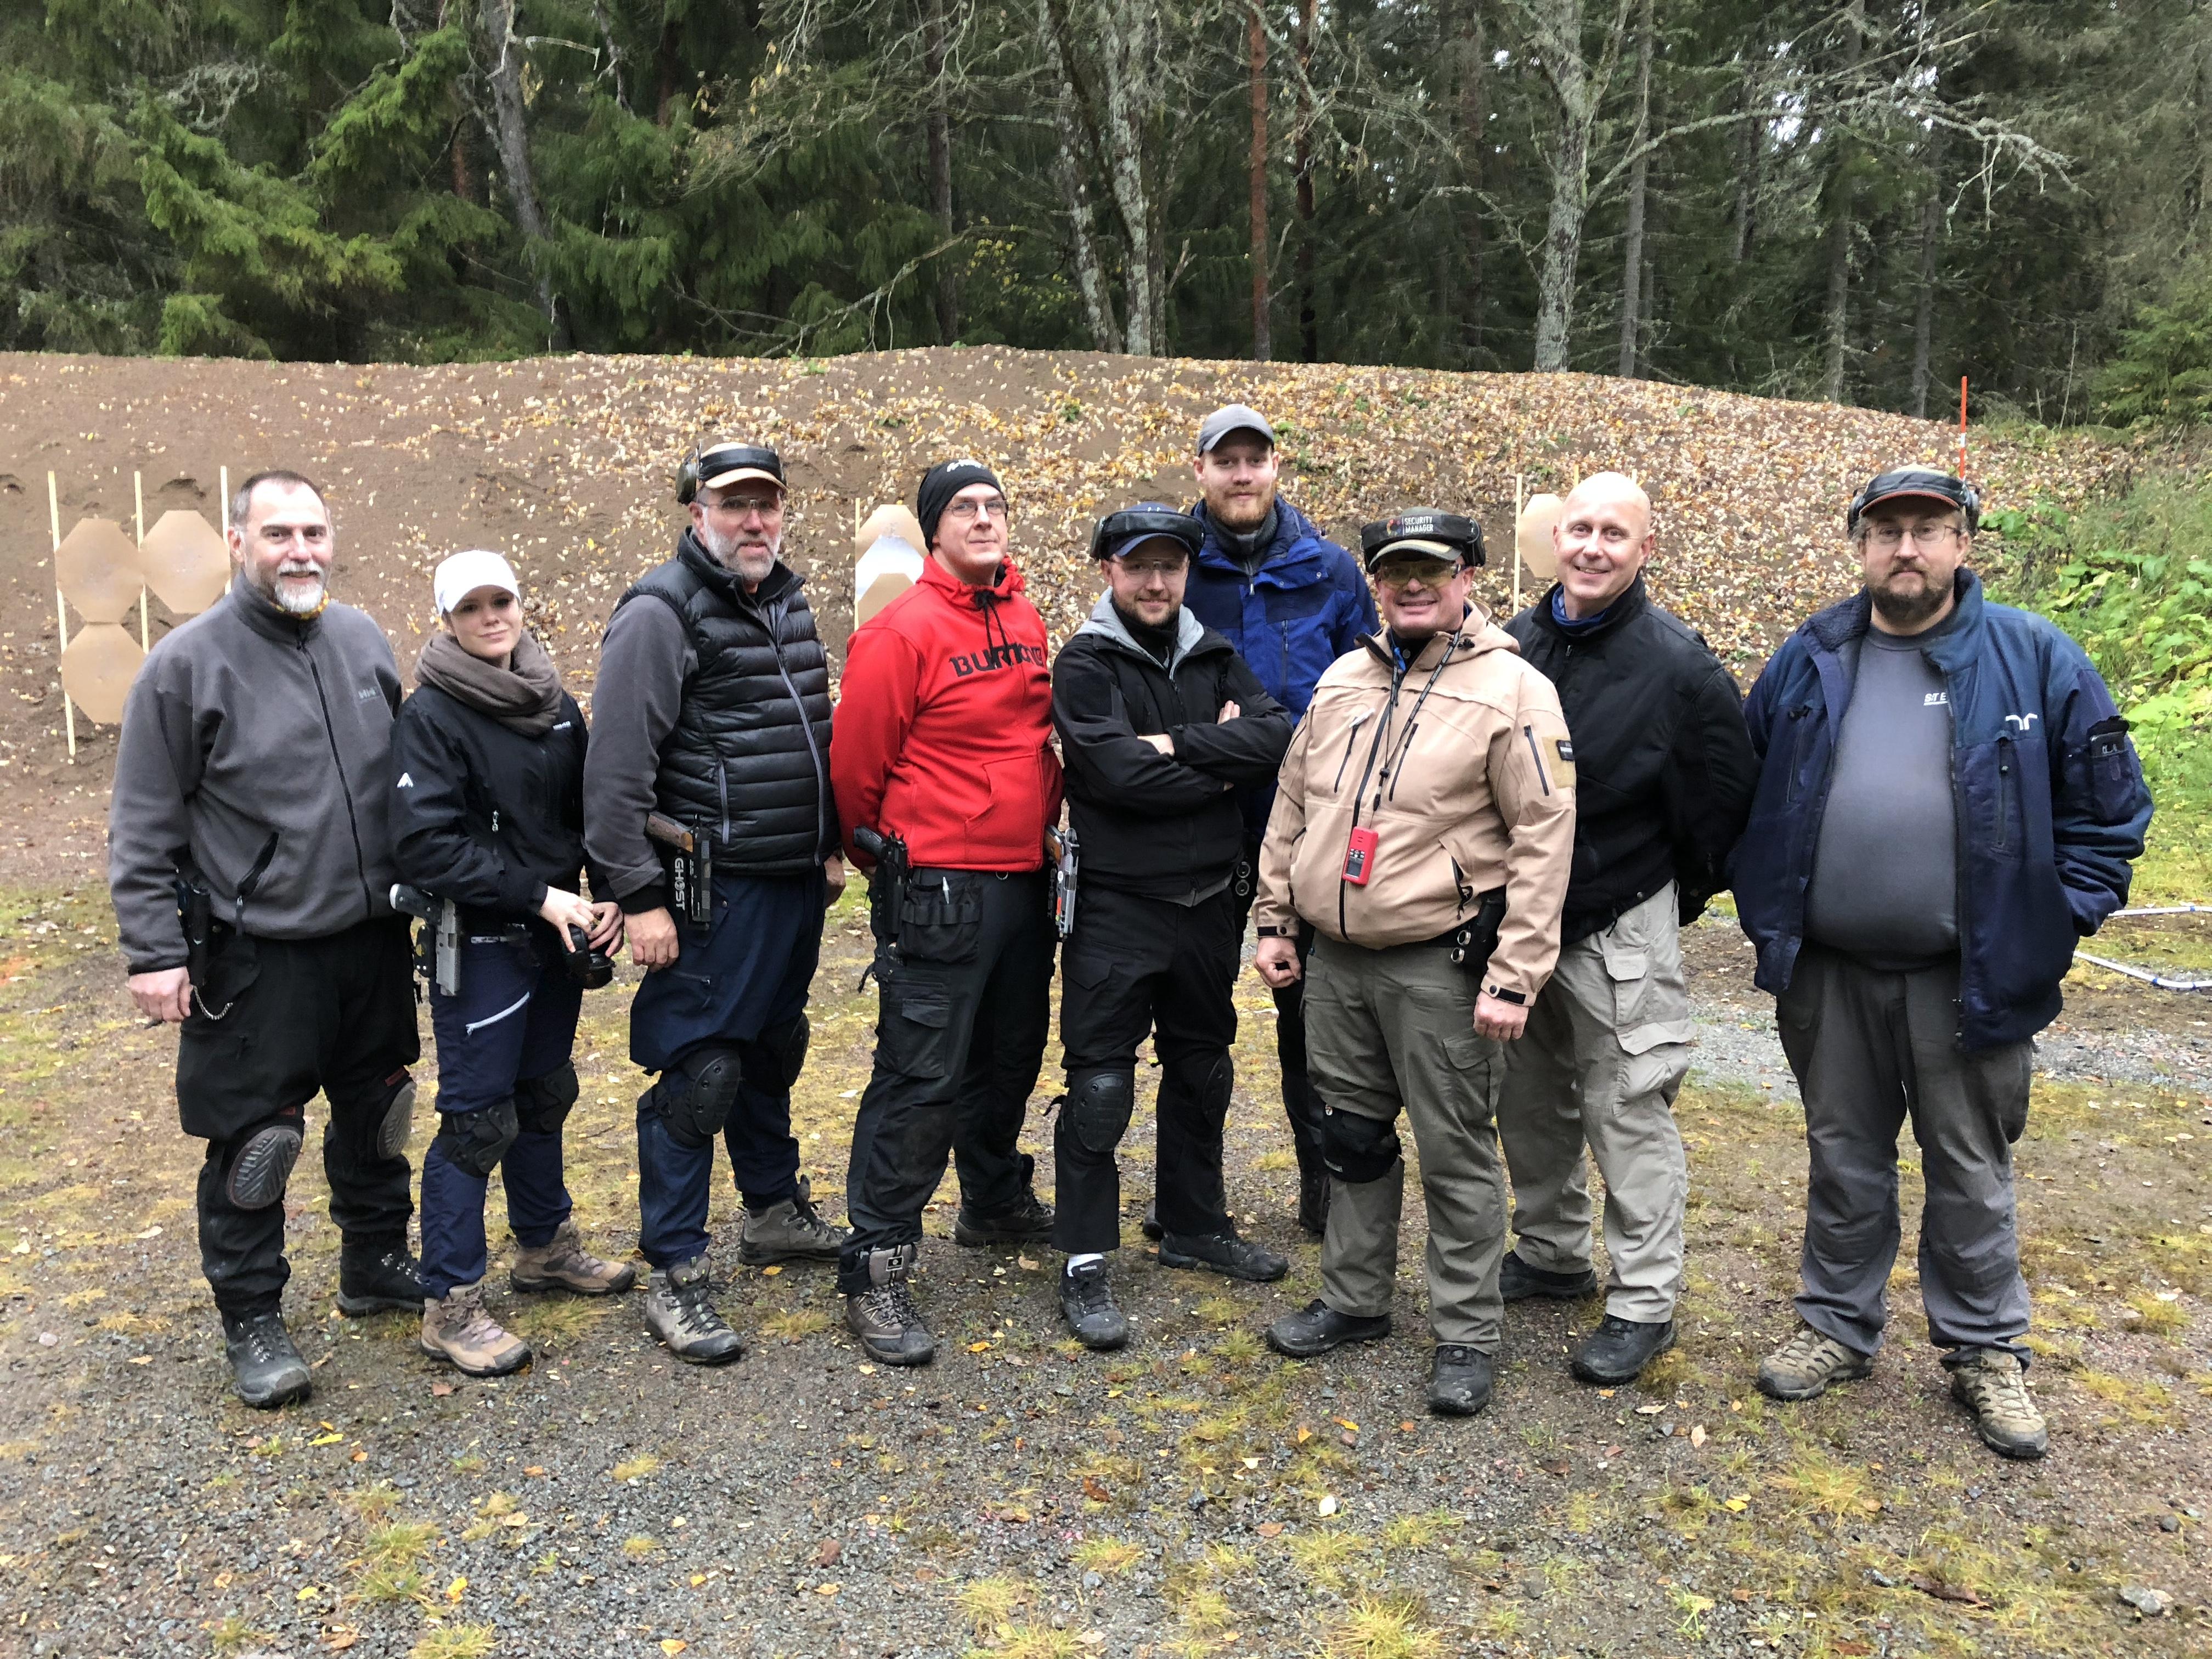 6 nyexaminerade dynamiska skyttar. Från Vänster: George, Ronja, Anders, Fredrik, Niklas och Mattias. Sen är det Klas och Kaj. Minns inte var examinatorn till höger heter.